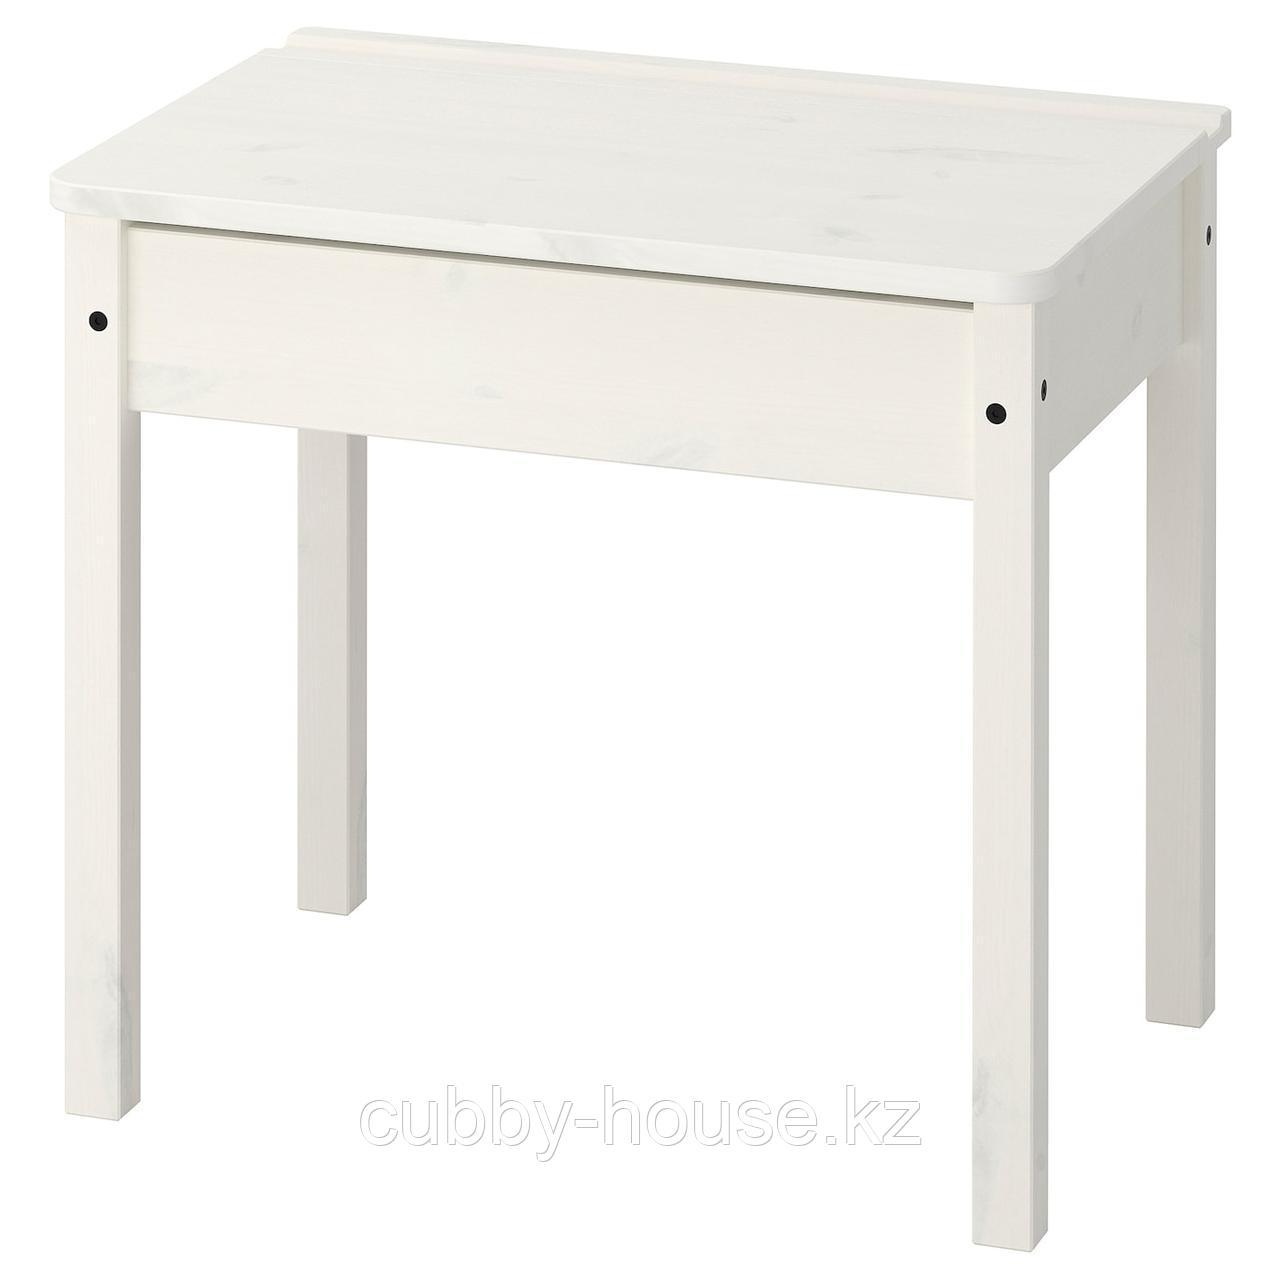 СУНДВИК Стол с отделением для хранения, белый, 60x45 см